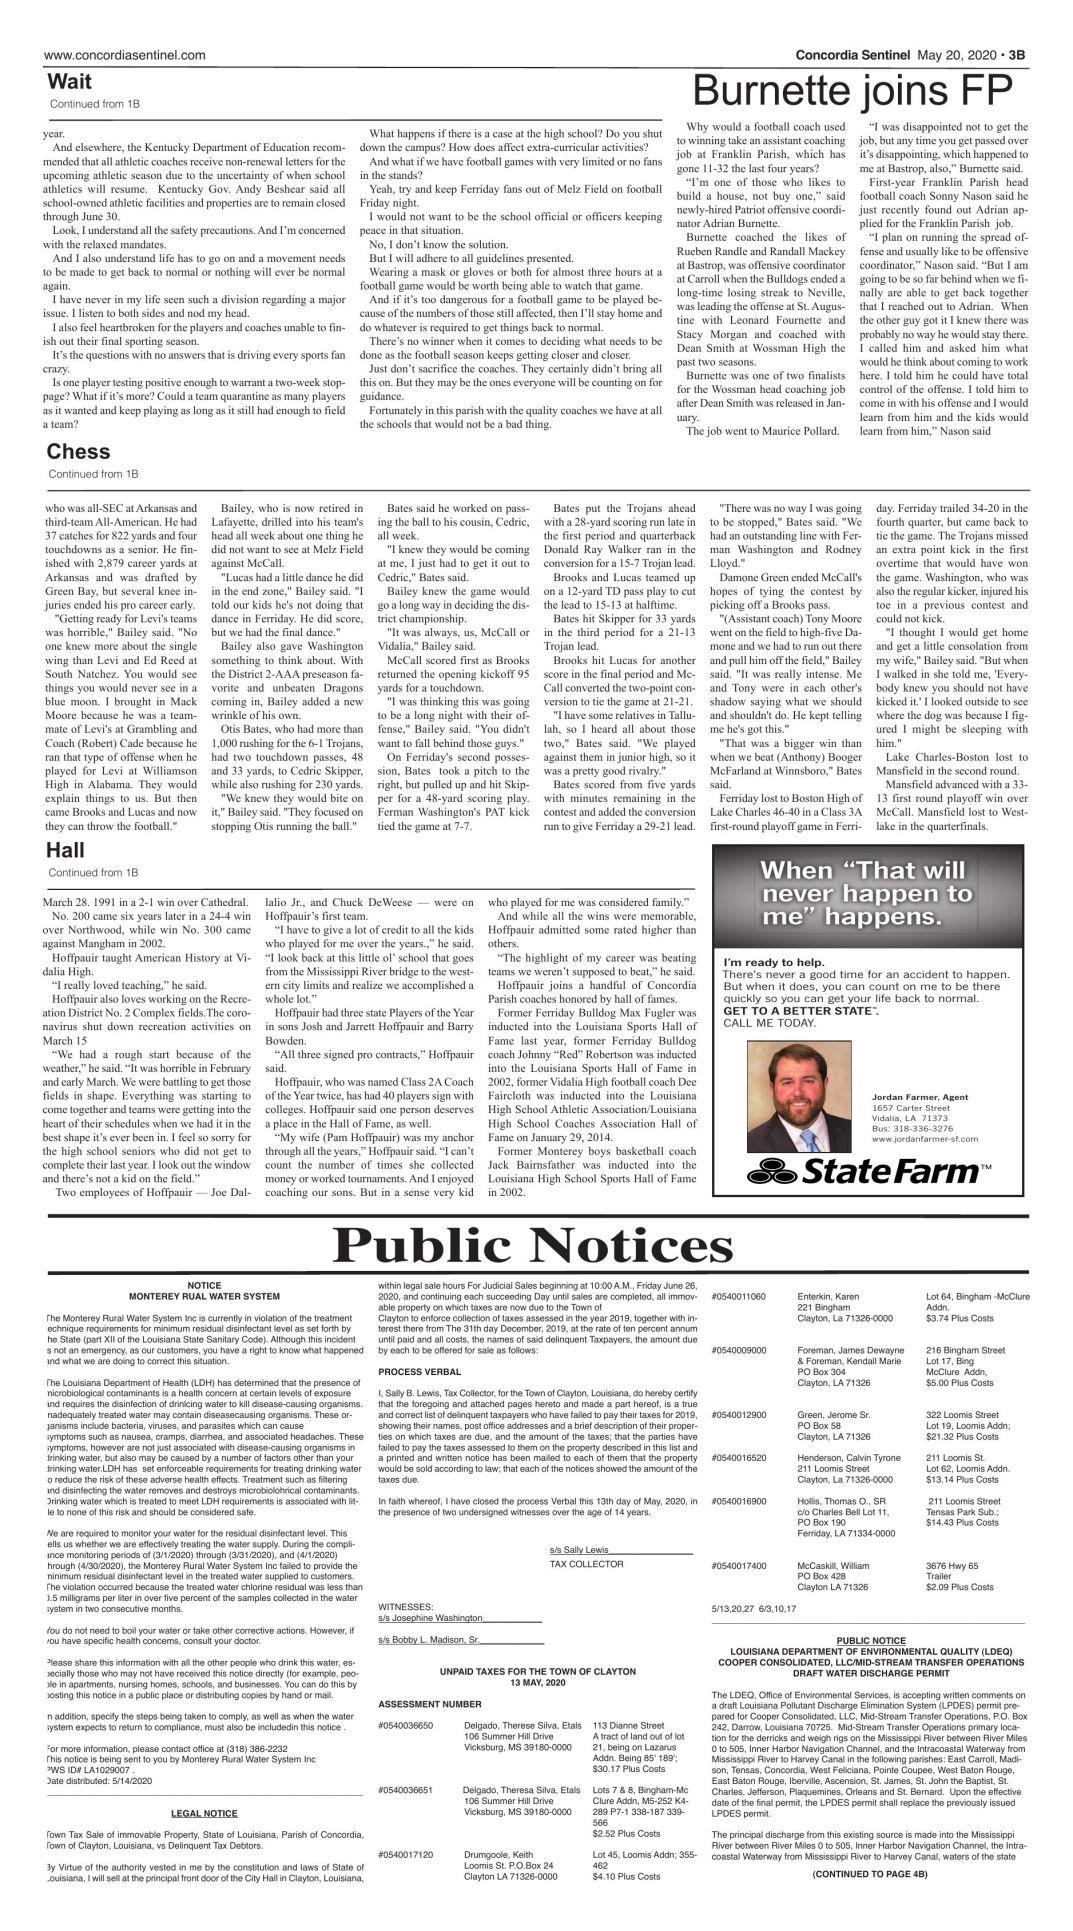 Public Notices - May 20, 2020